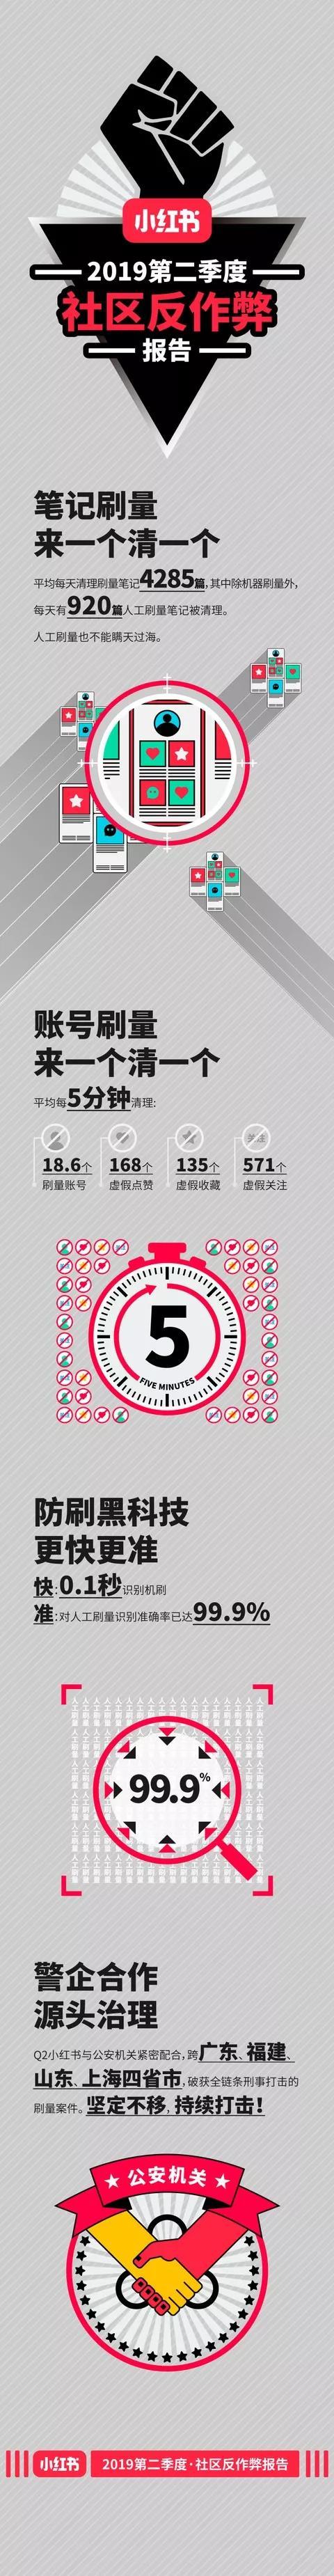 小红书发布2019年第二季度社区反作弊报告